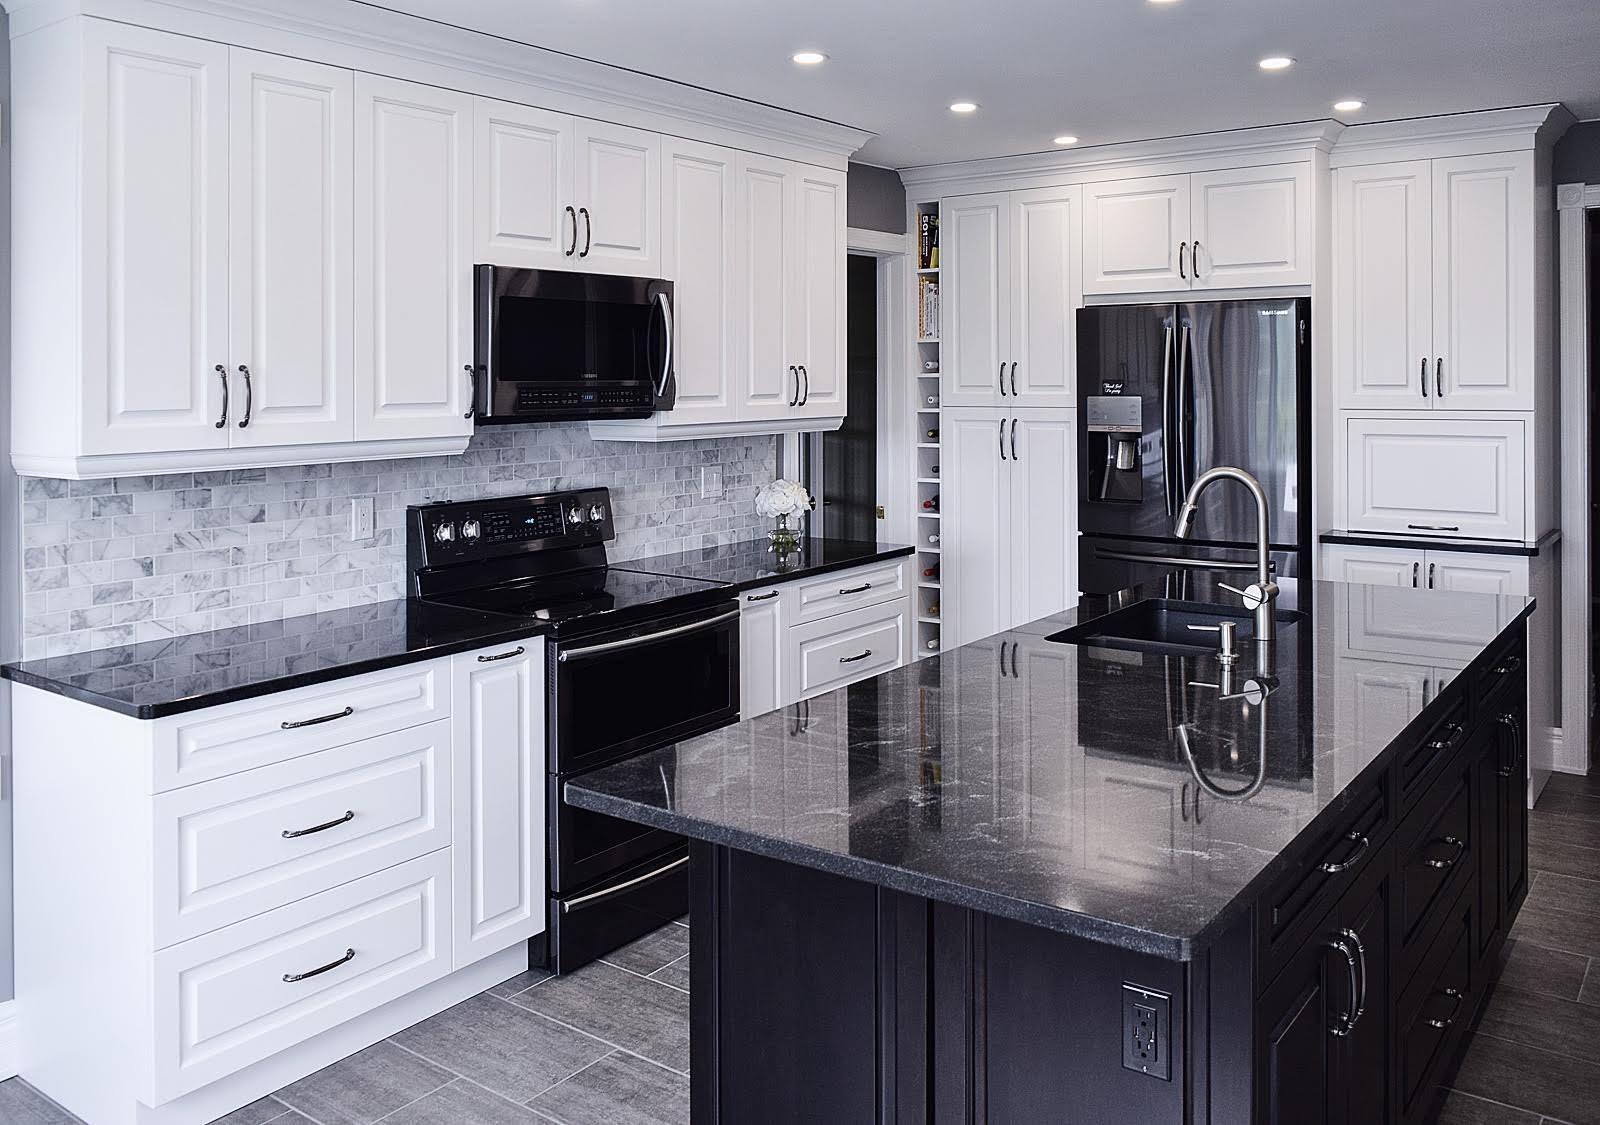 Kitchen cabinets design ideas